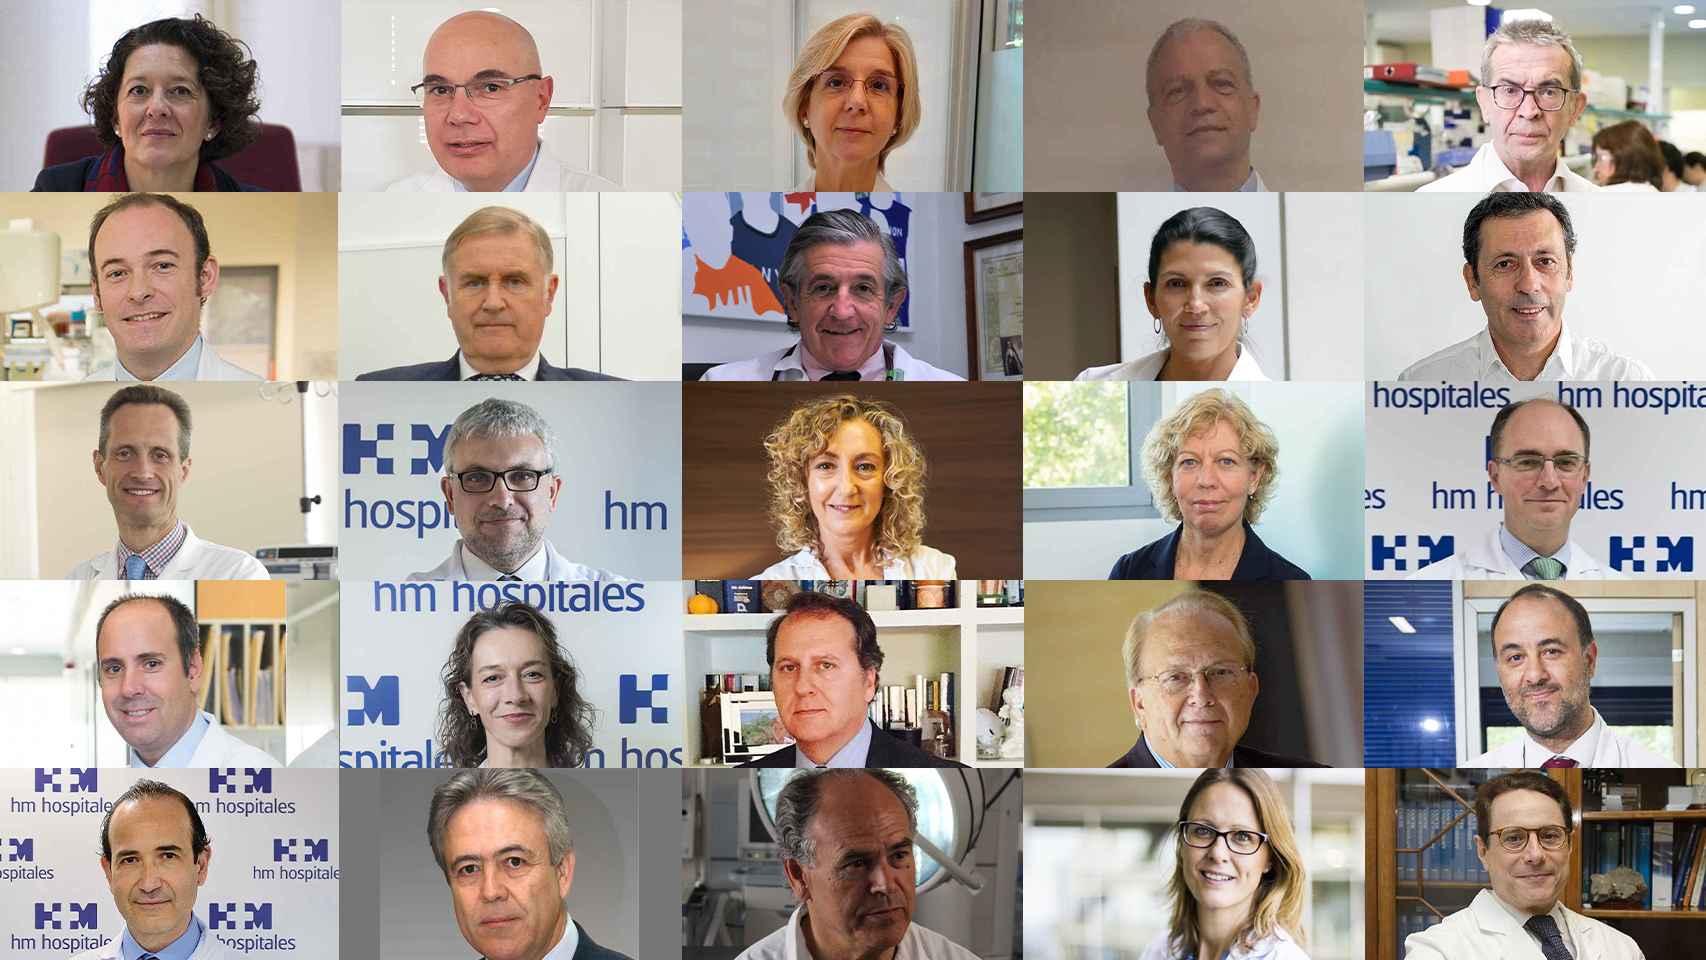 Los 25 mejores oncólogos de España: estos son los grandes sabios del cáncer de nuestro país